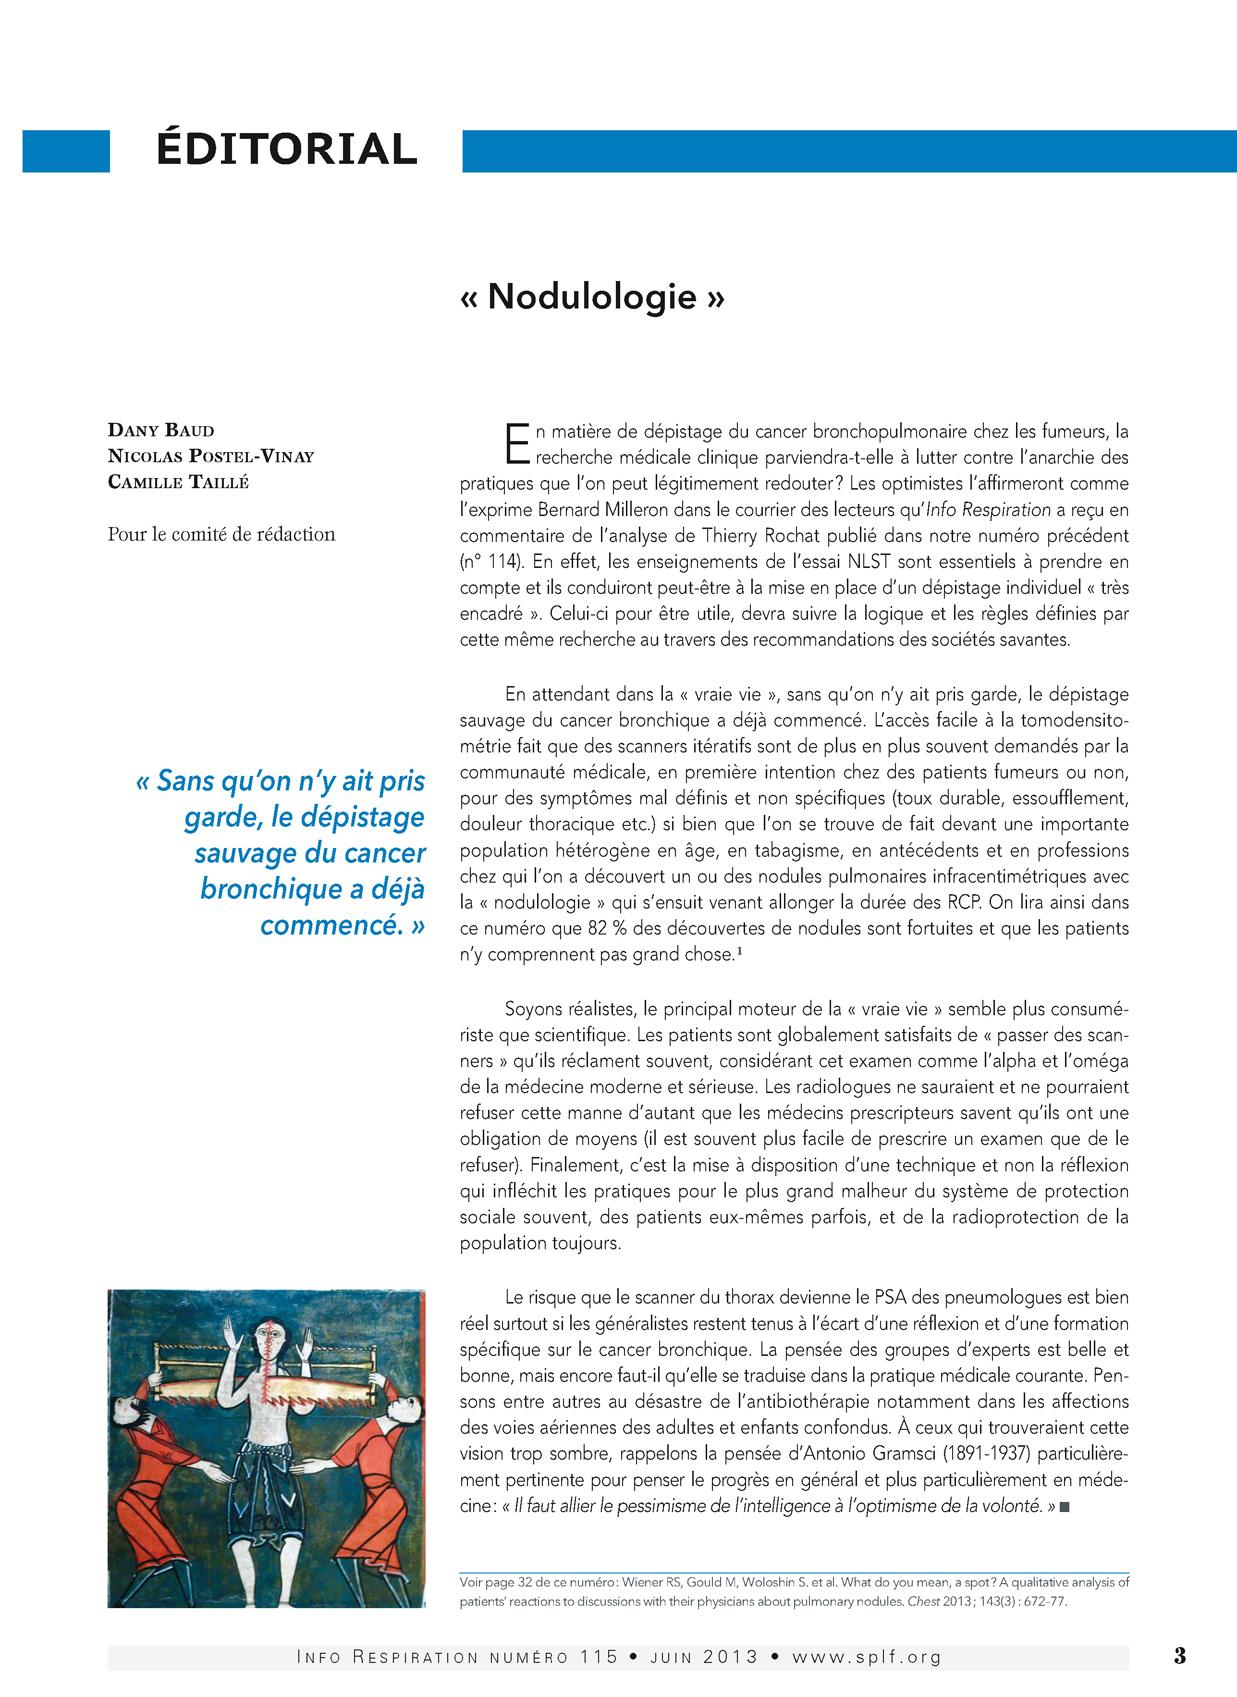 Nodulogie